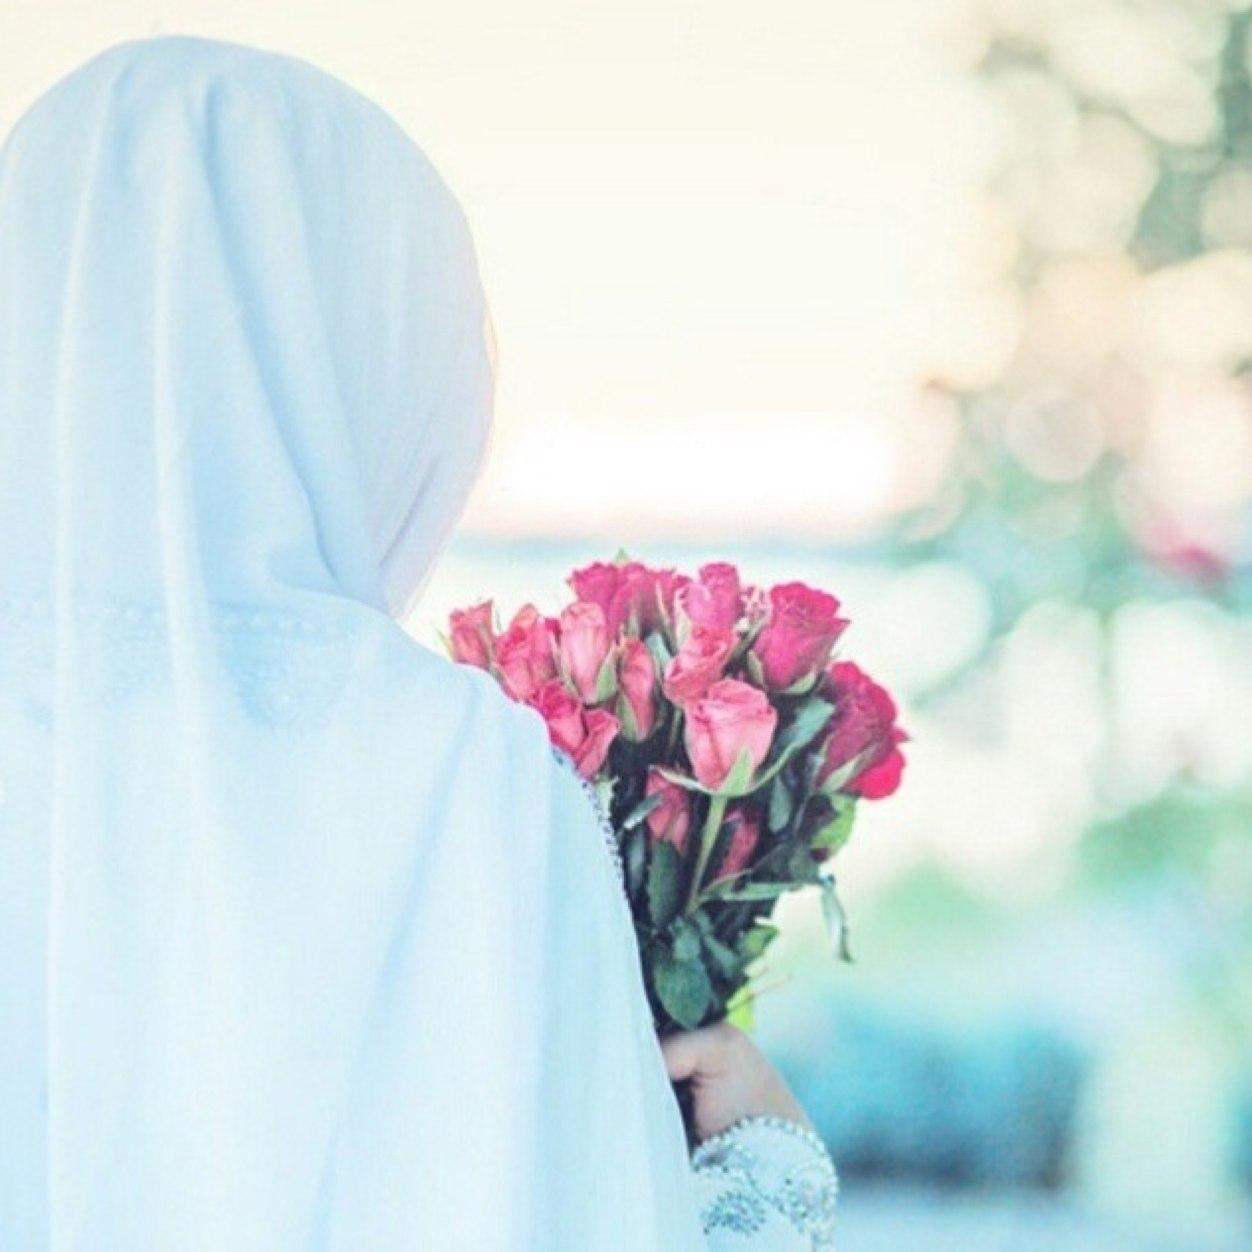 Фото исламских девушек без лица